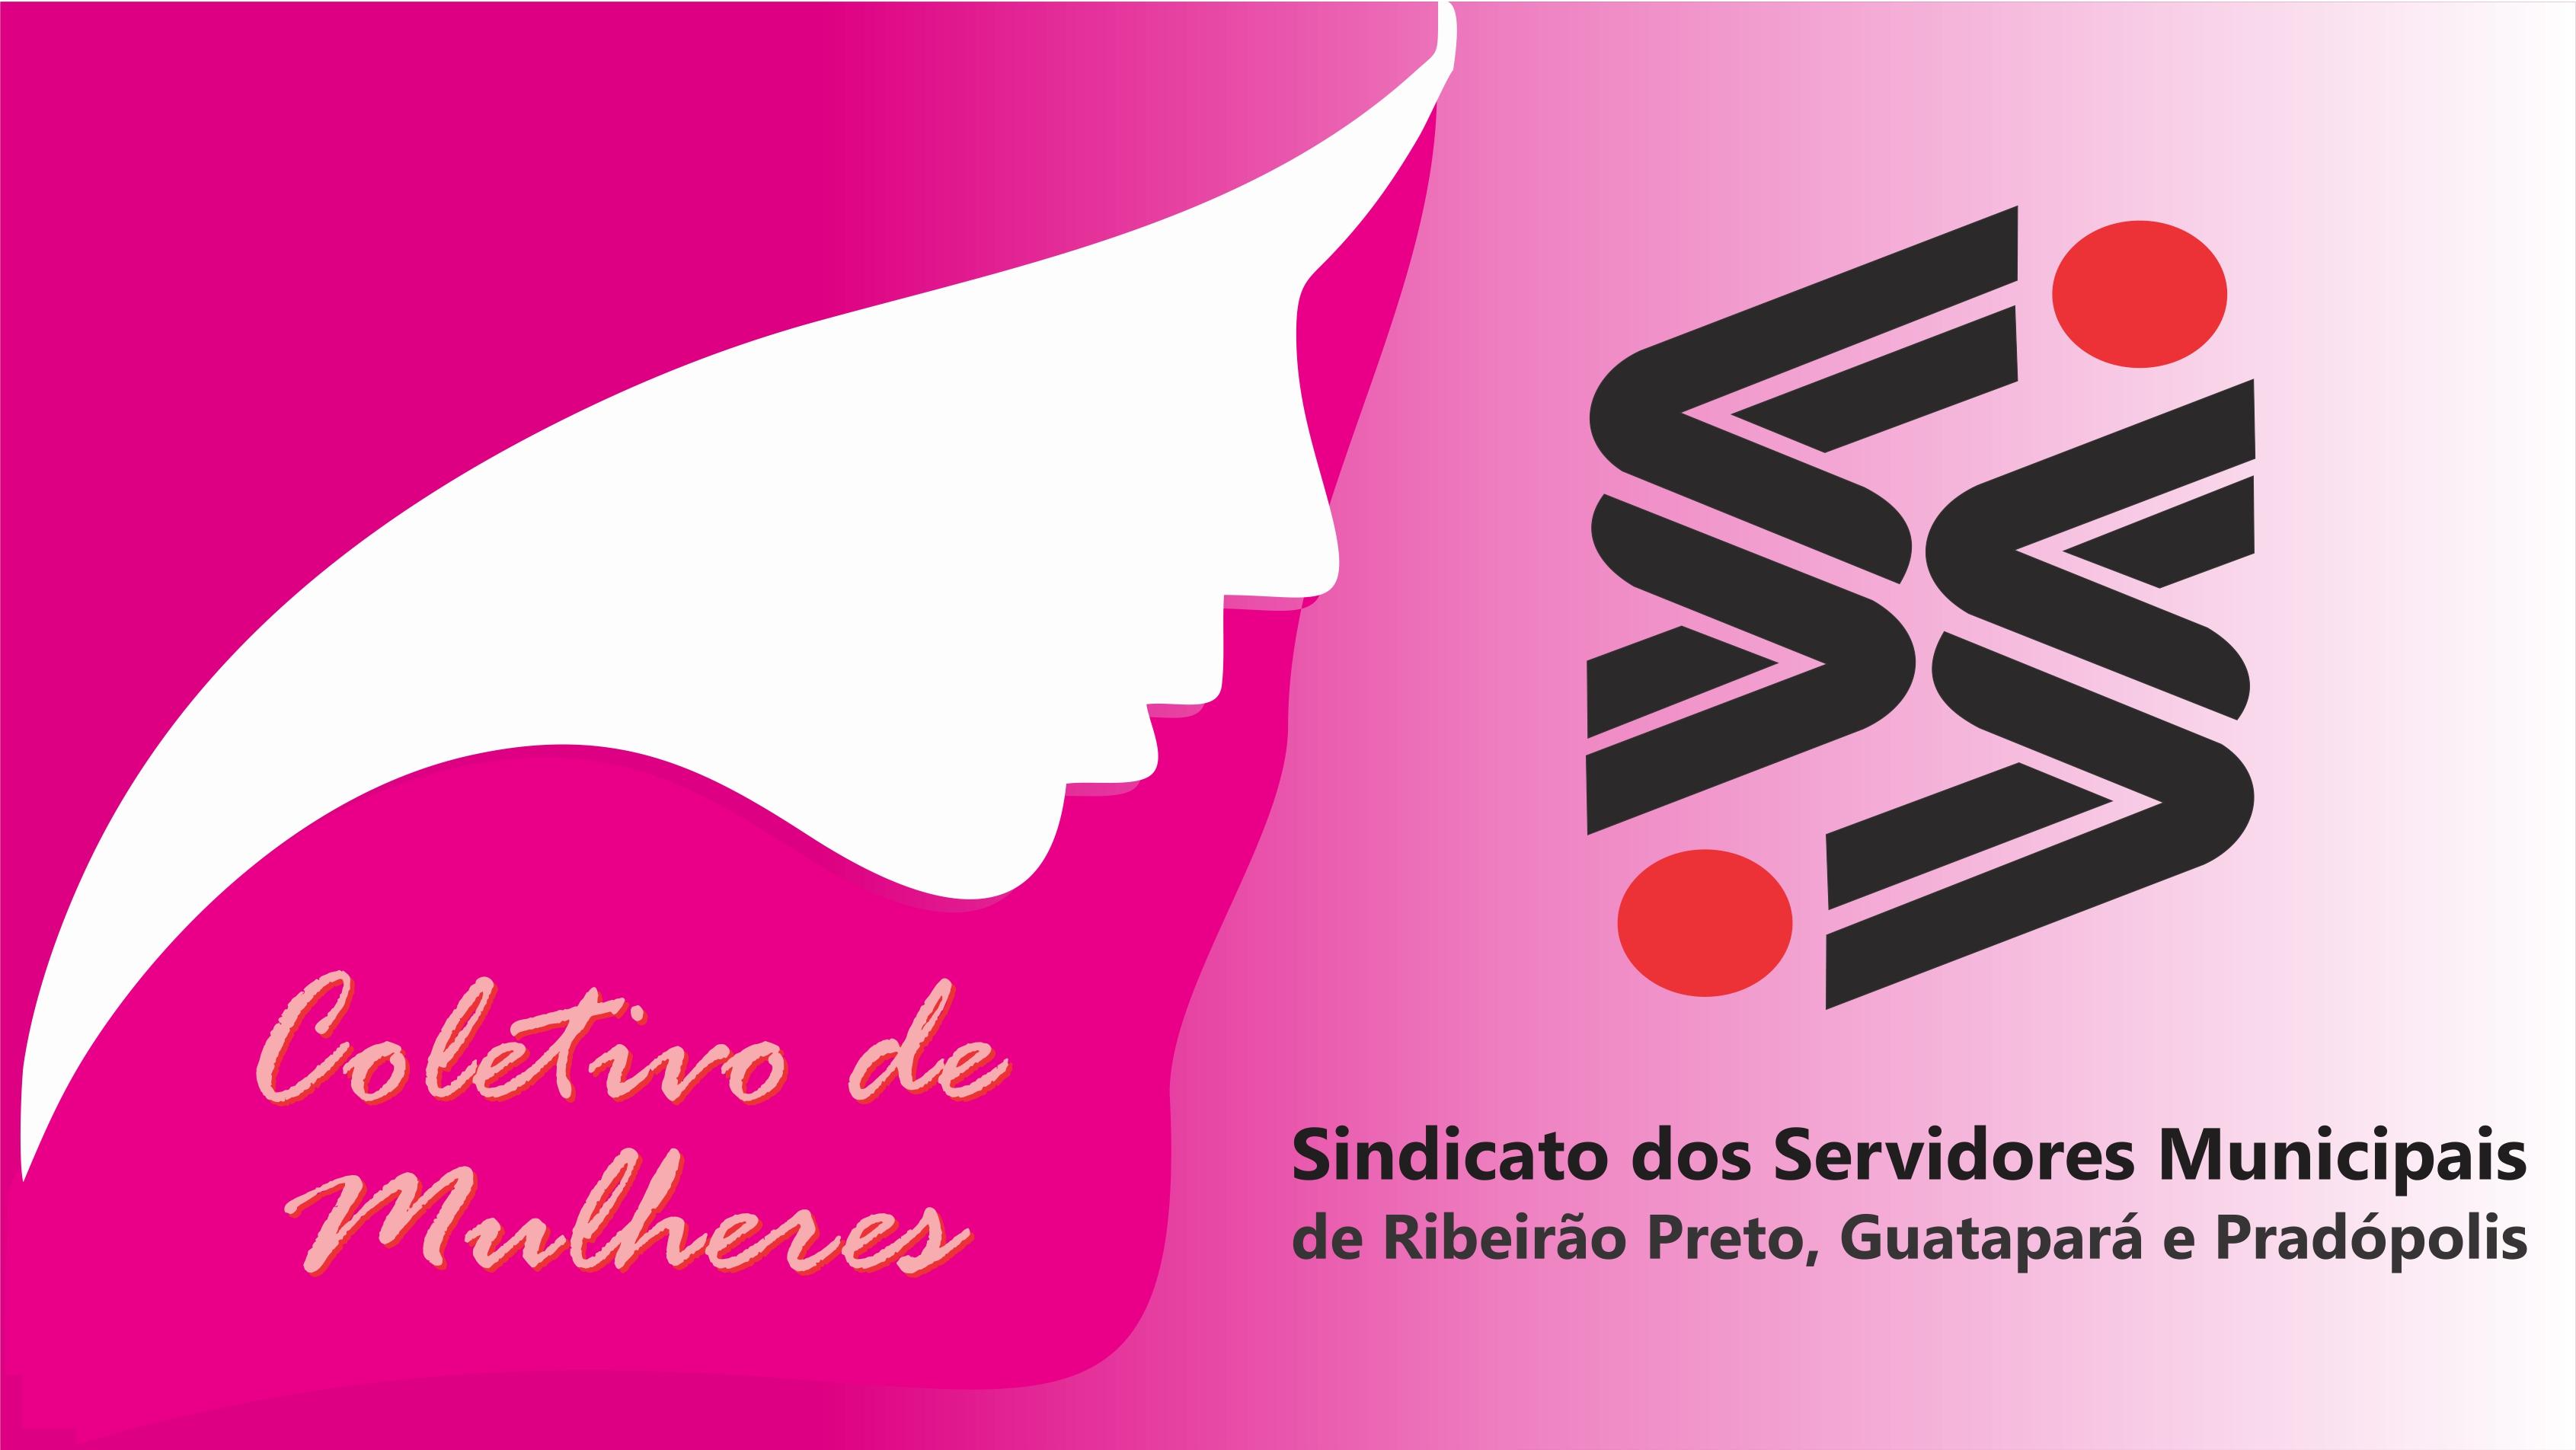 Coletivo de Mulheres Logo